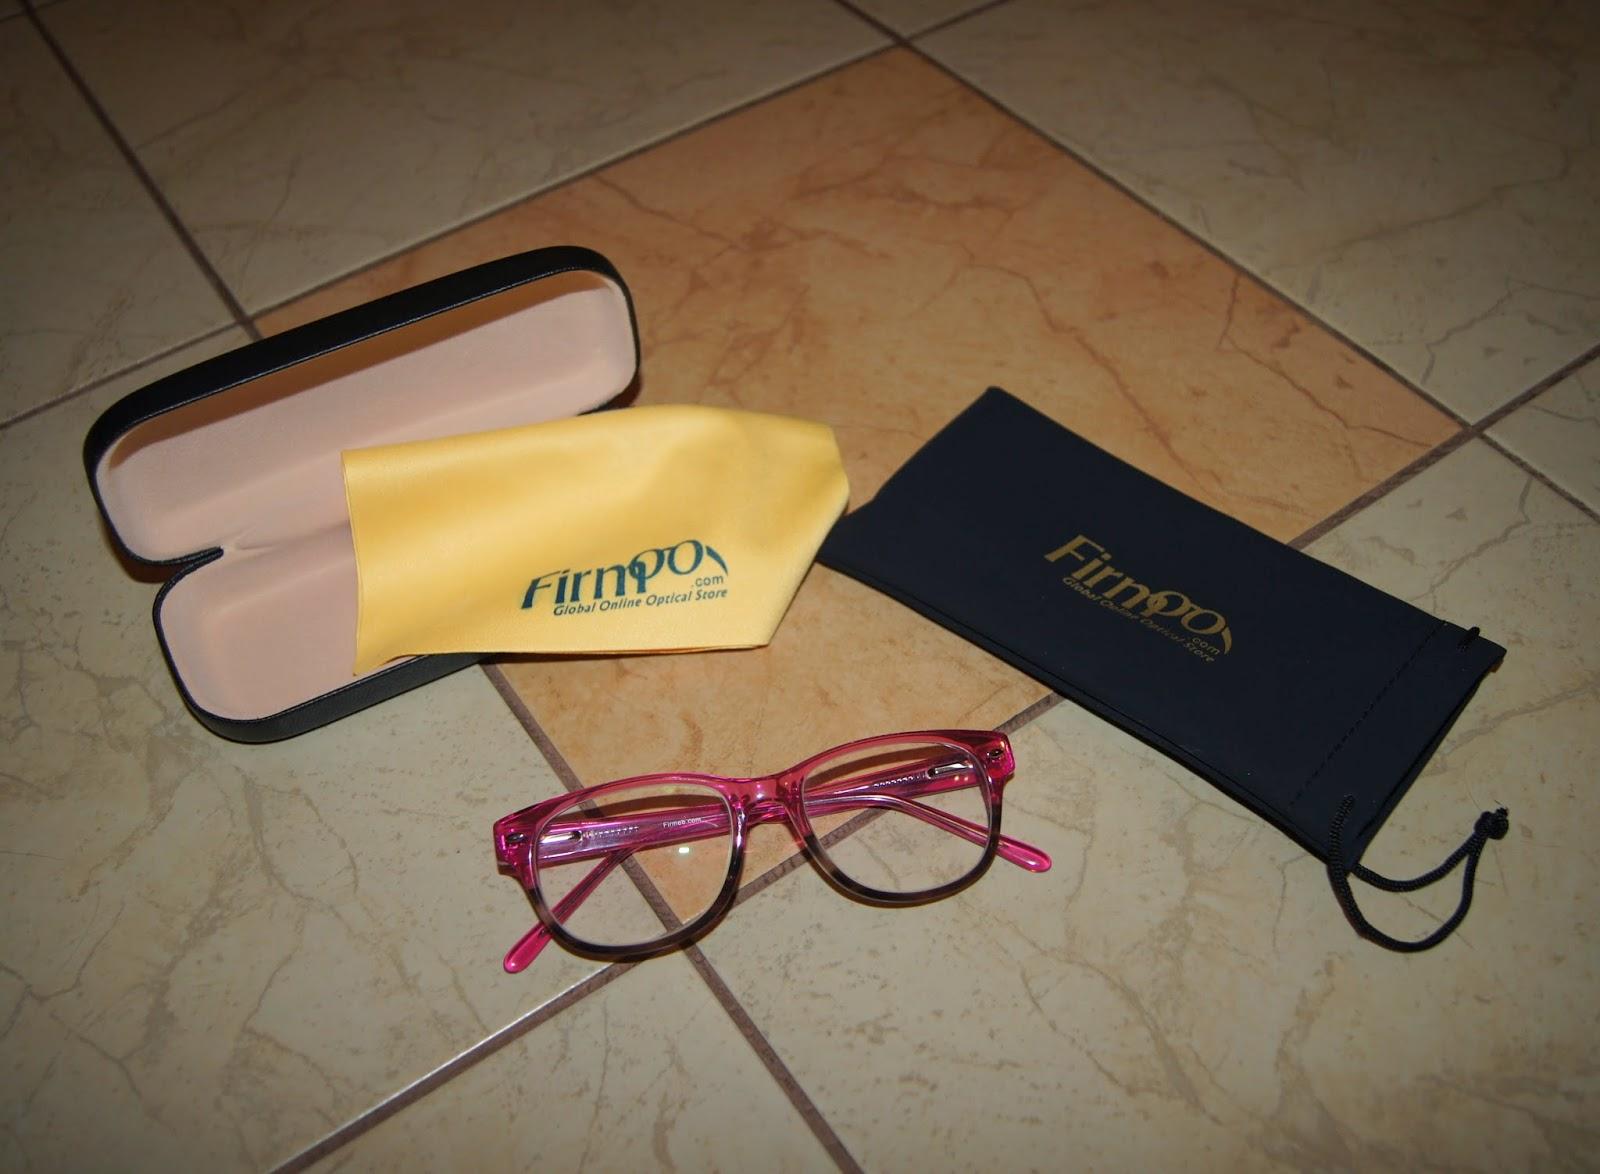 Okularki z firmy Firmoo